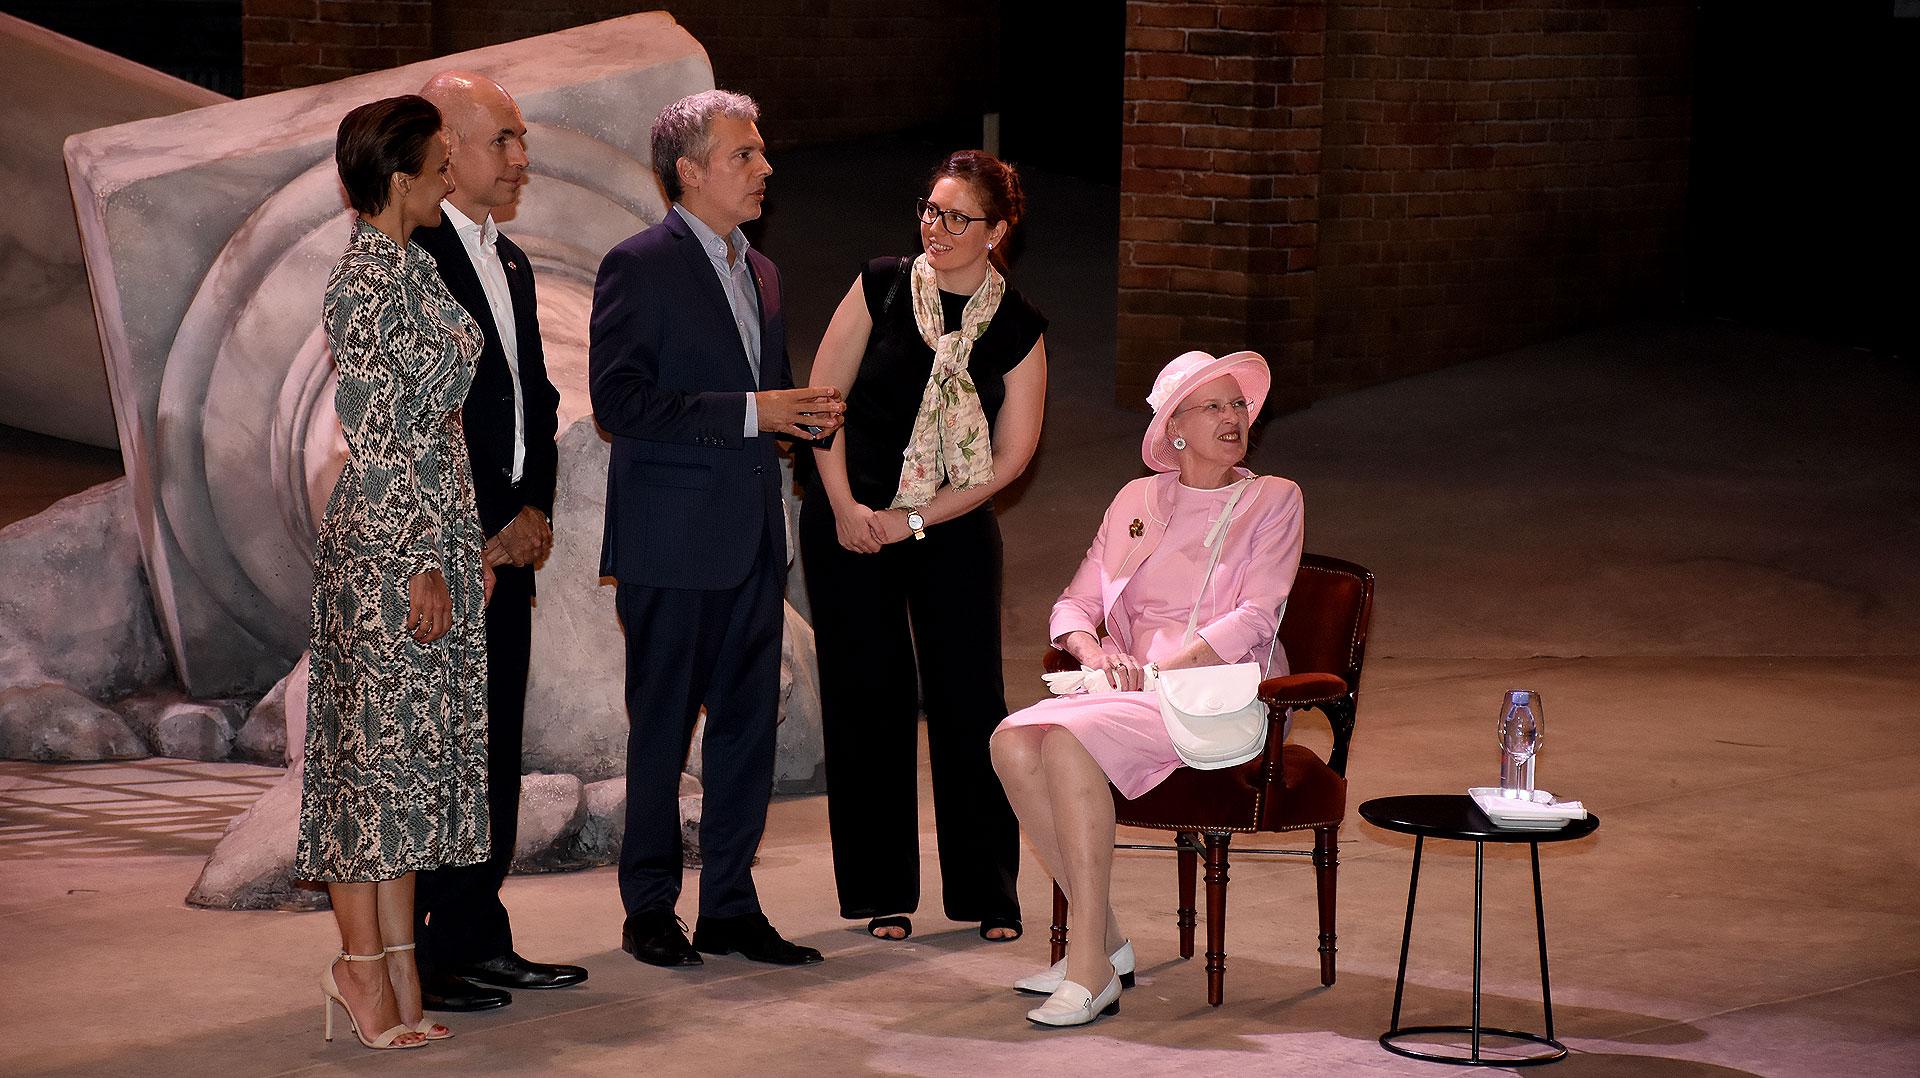 Margarita II pudo apreciar la majestuosidad del Teatro Colón desde el escenario